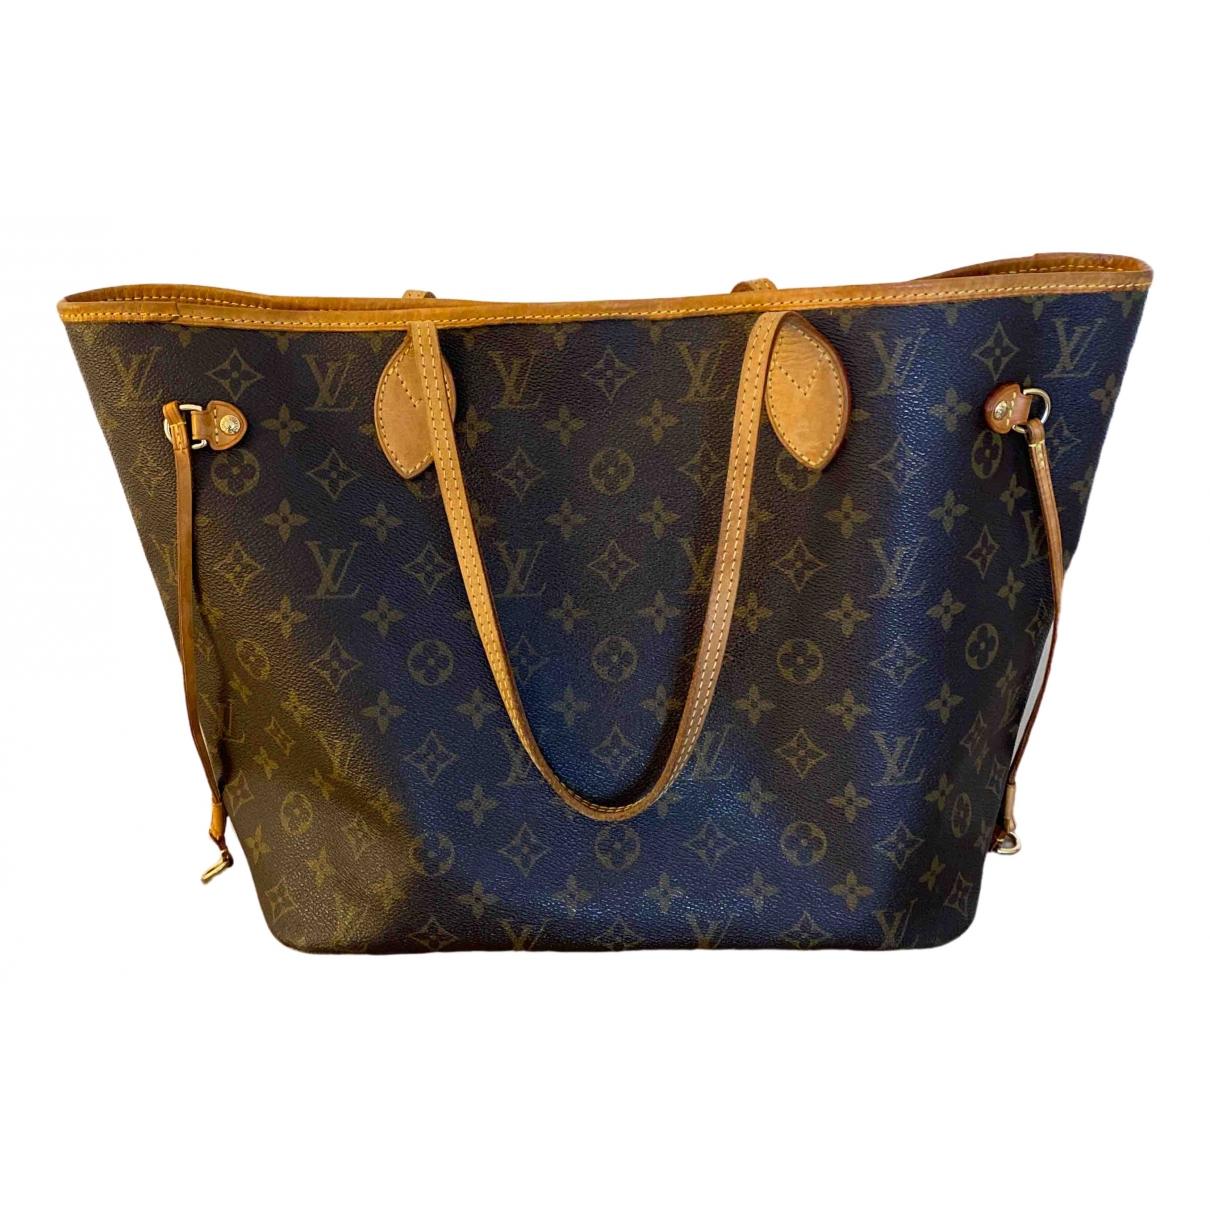 Louis Vuitton Neverfull Multicolour Cloth handbag for Women \N